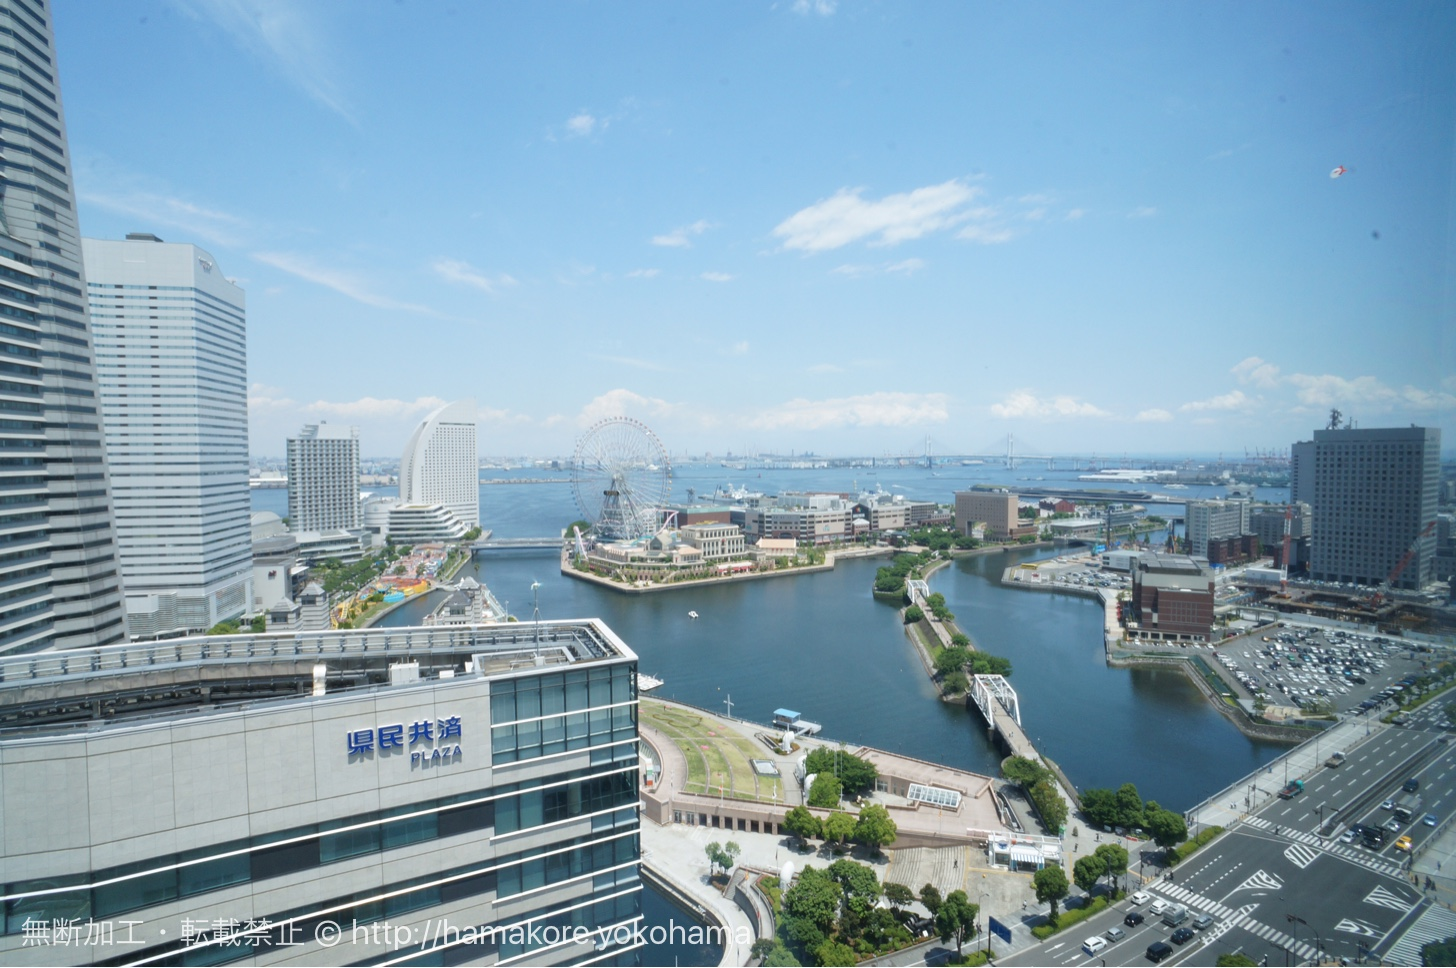 横浜モノリス 窓側からの横浜の眺め